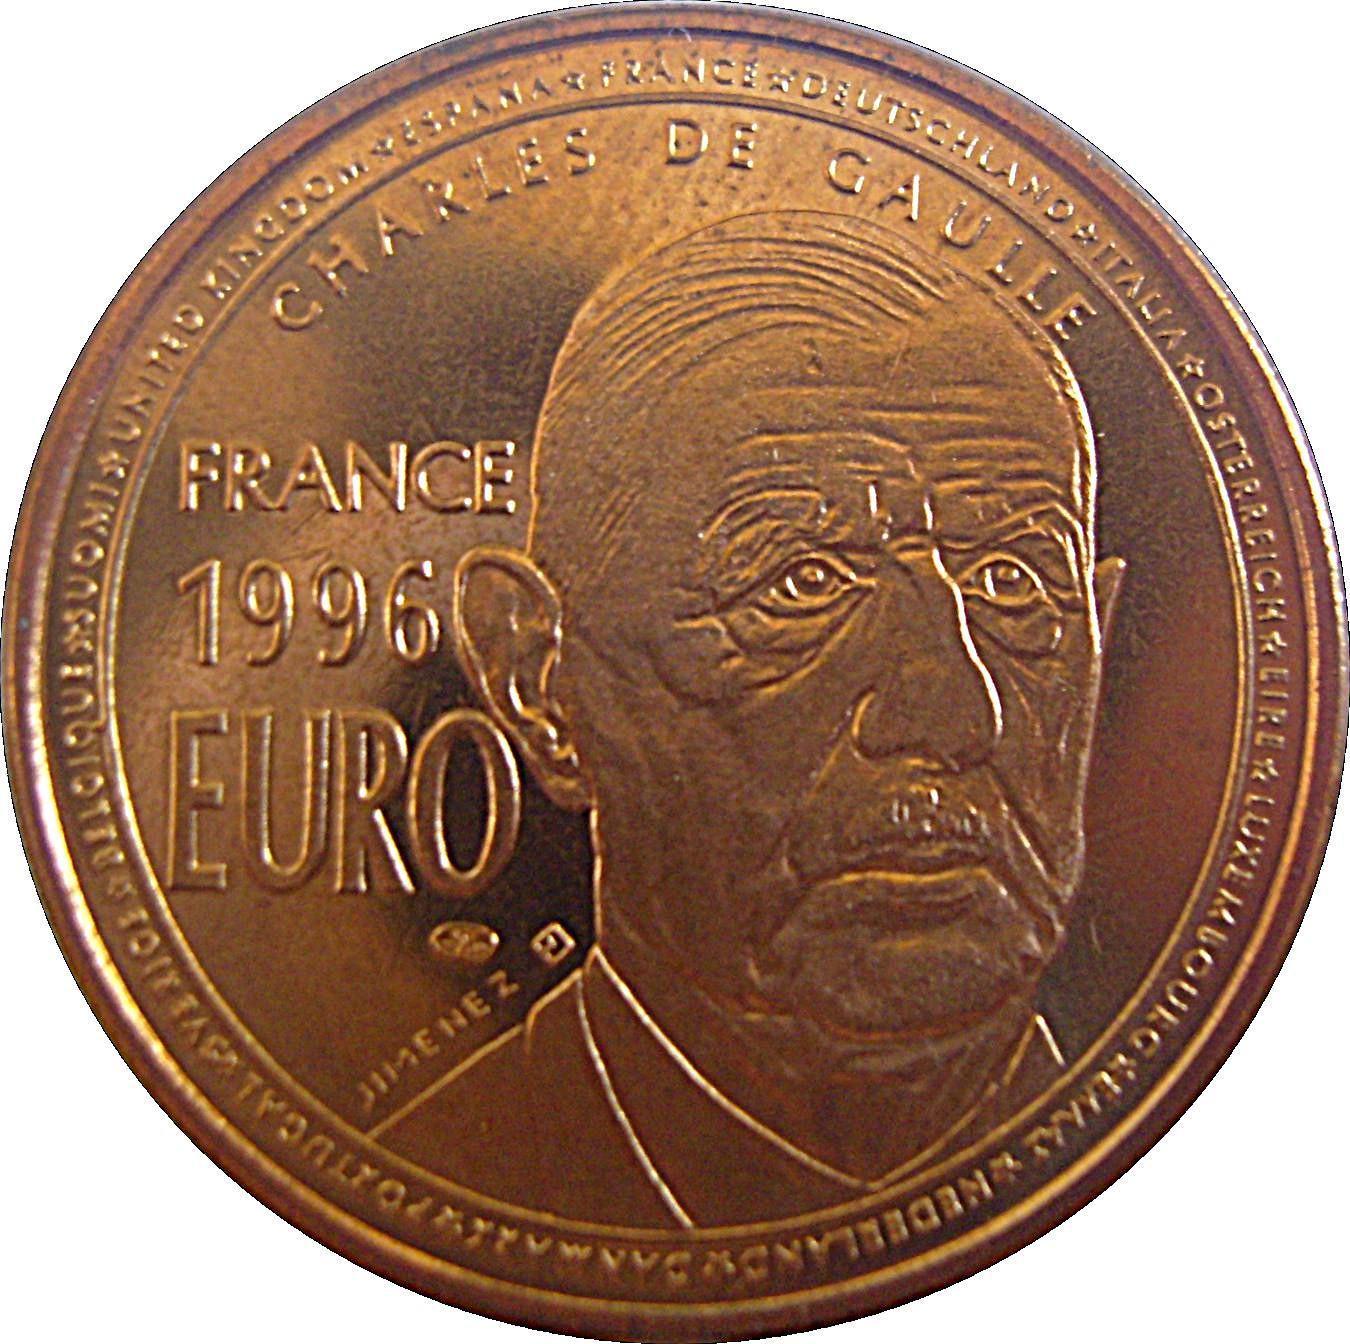 Livraison gratuite dans le monde entier 60% de réduction dernière mode 1 euro Charles de Gaulle (essai, Trésor Du Patrimoine ...